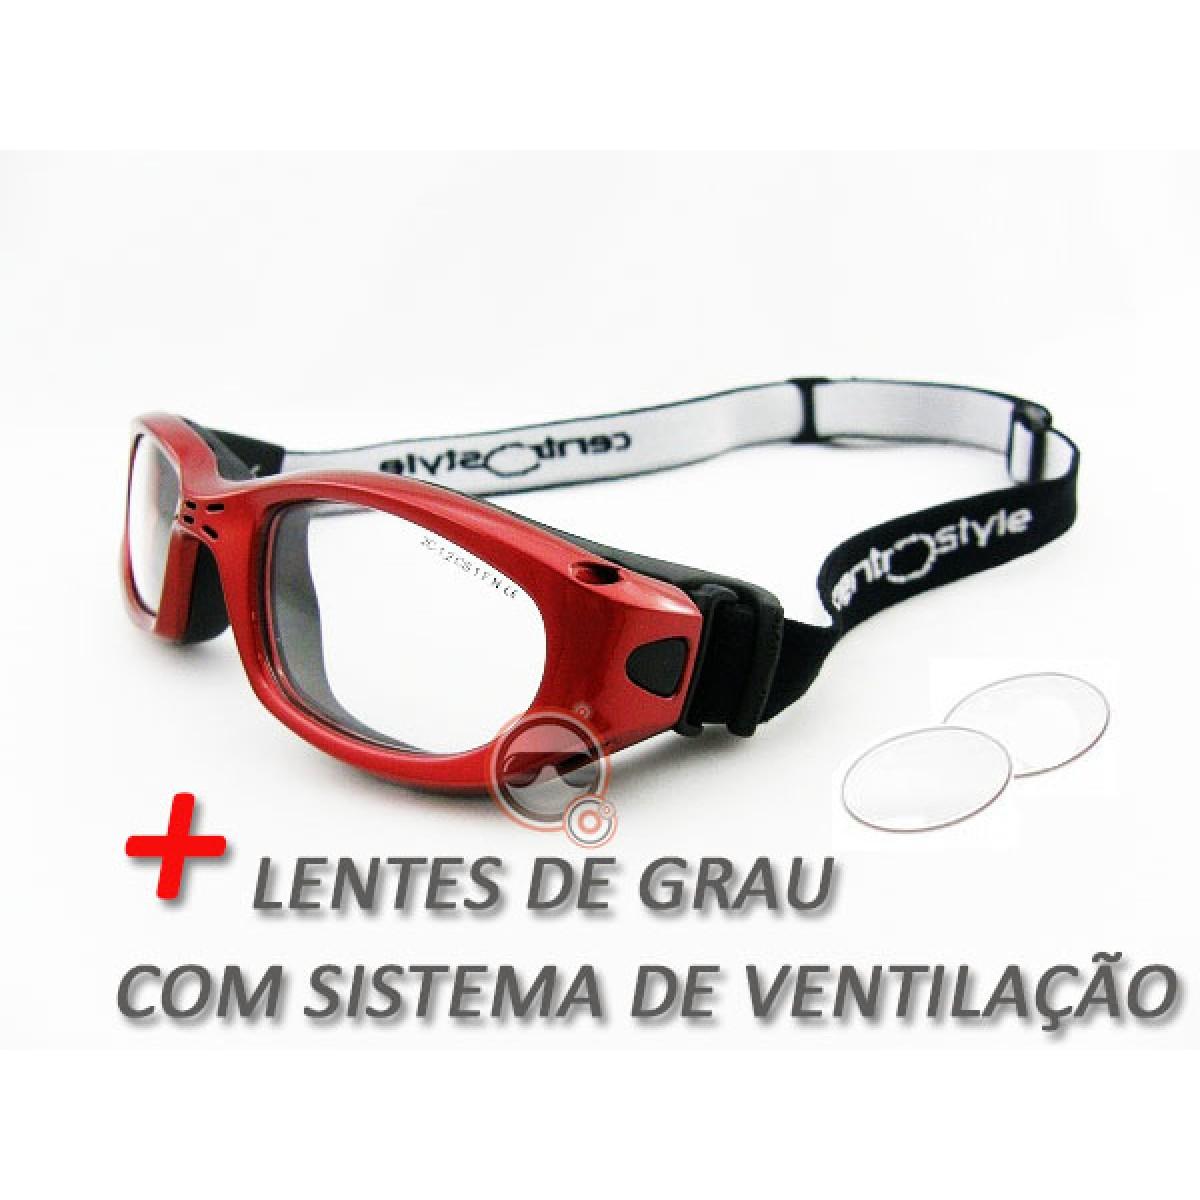 Óculos Centro Style Vermelho TM51 com lentes de Grau e Sistema de Ventilação 76868e17dc